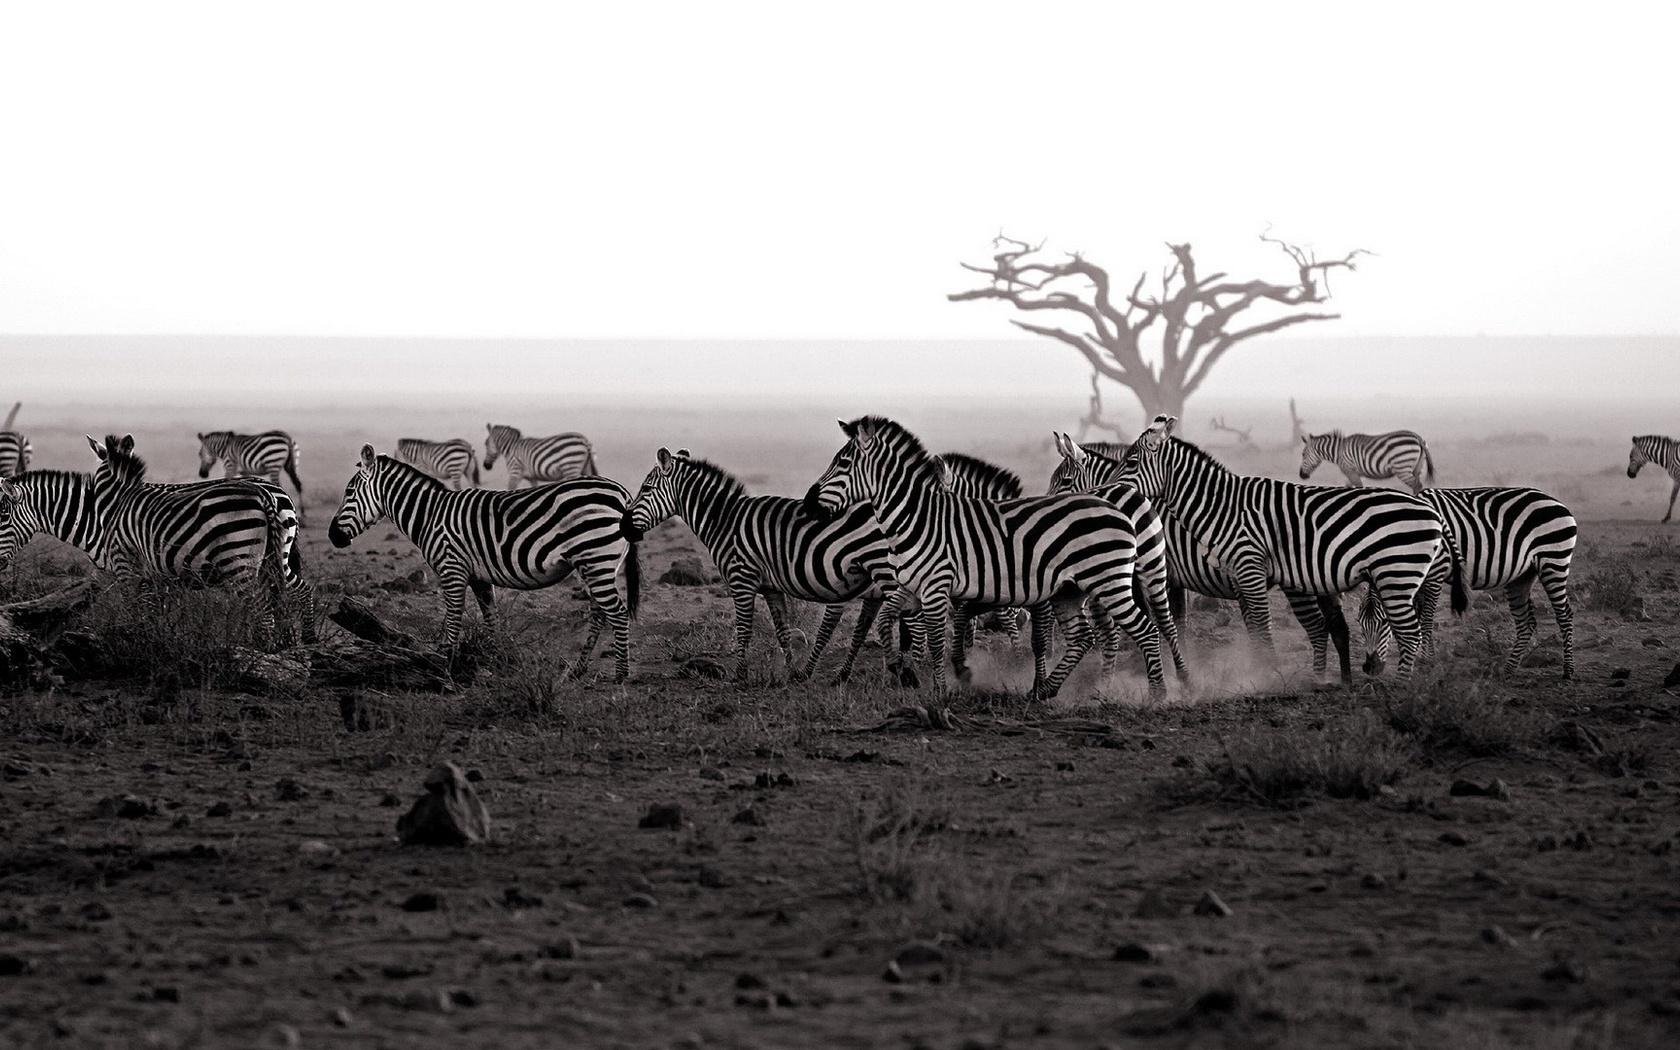 животные, зебра